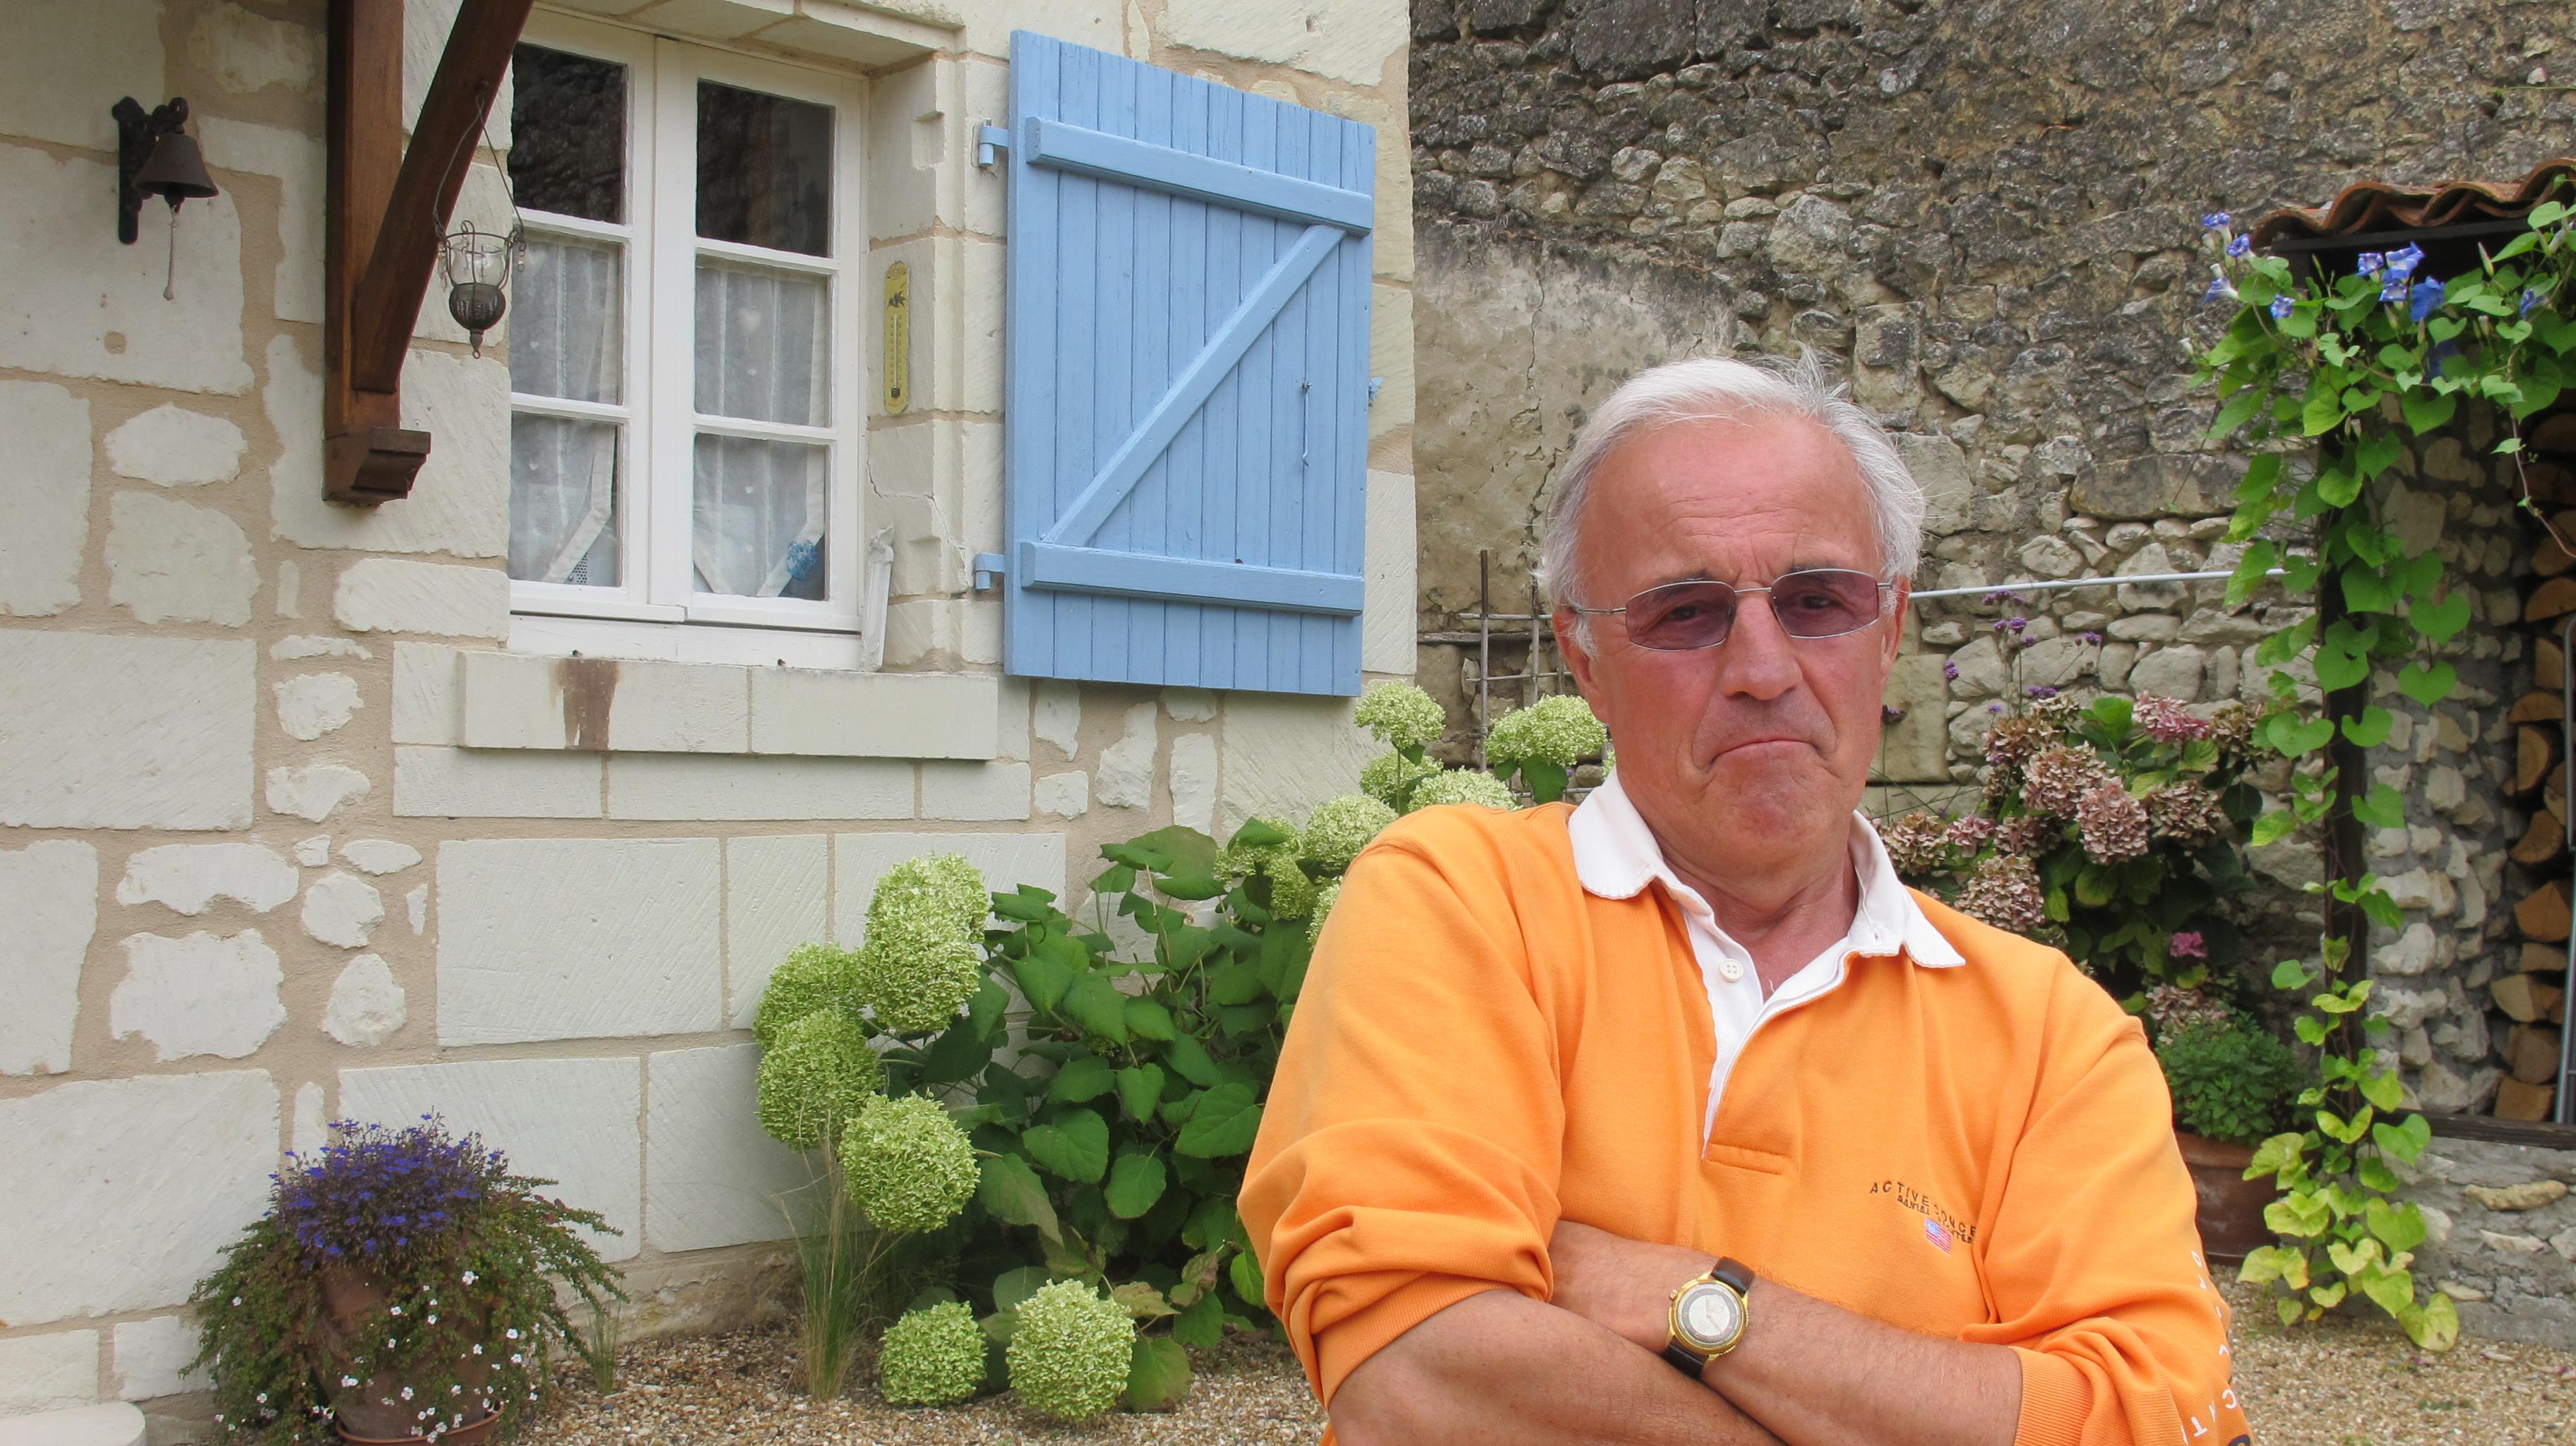 """Saumur, 4 aout 2011 Alain Dupuis, chez lui. Ancien directeur commercial de Sygma, ancien """"vendeur"""" de l'agence Apis. (c) Michel Puech / www.puech.info"""